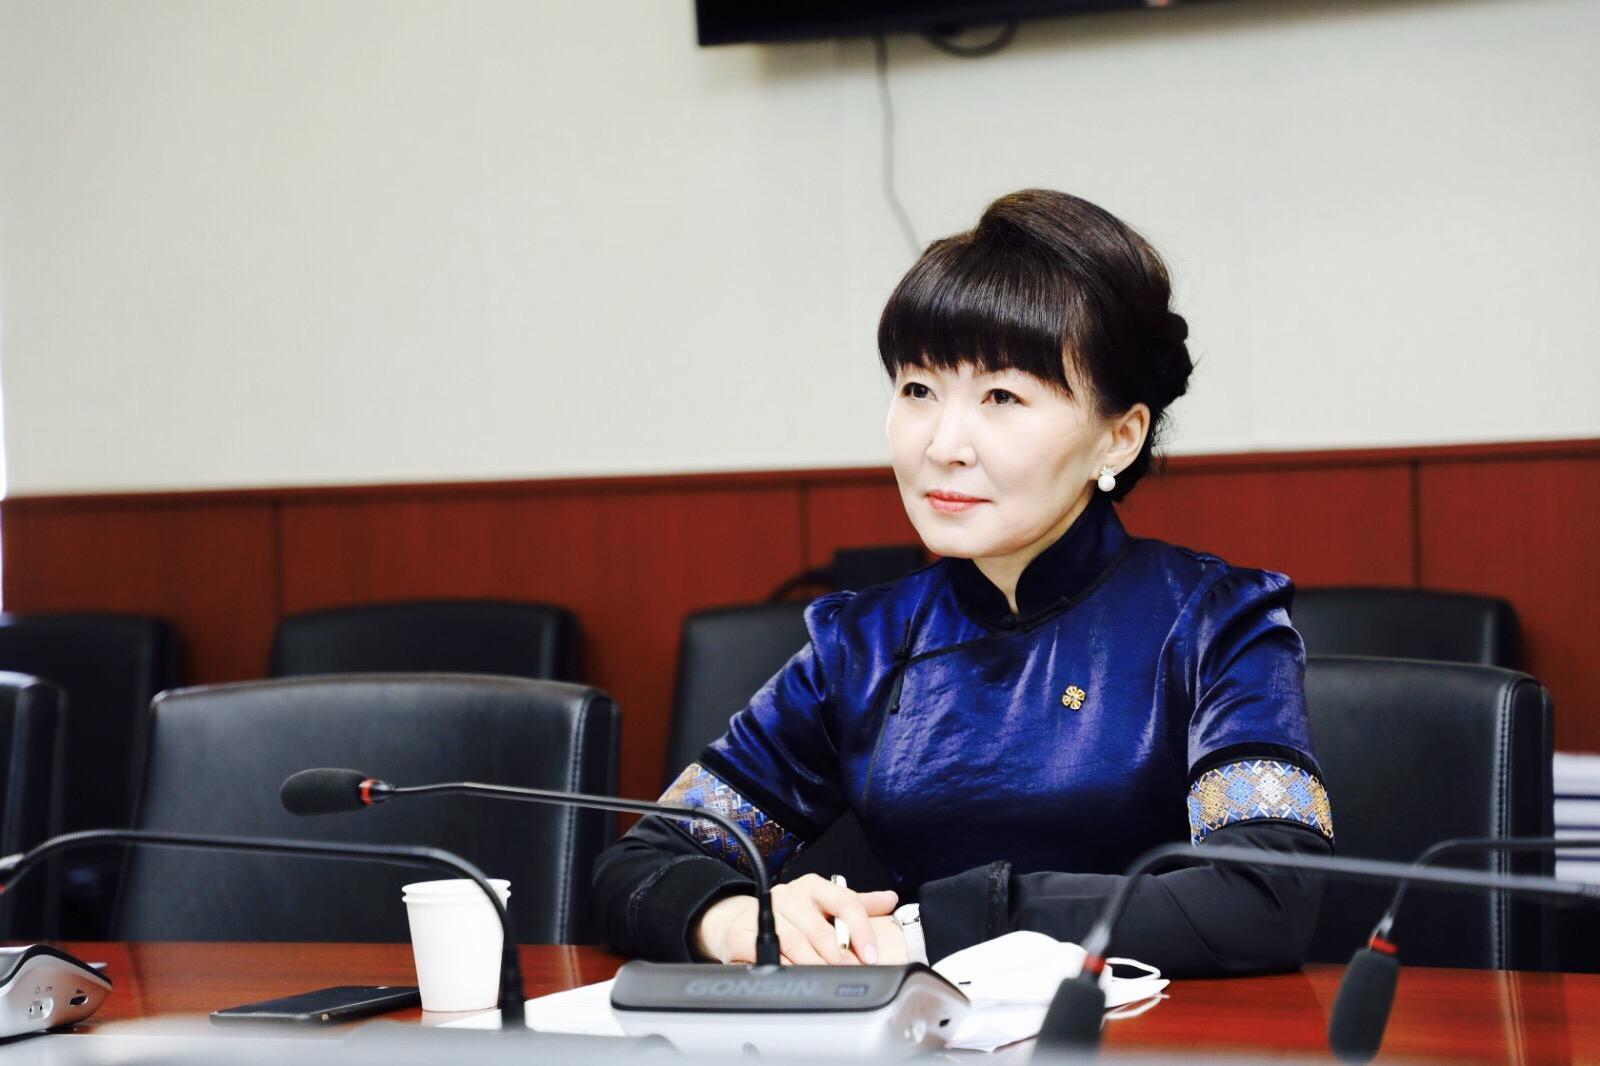 БОАЖ-ын сайд Н.Уртнасан Япон улсын Элчин сайдыг хүлээн авч уулзав